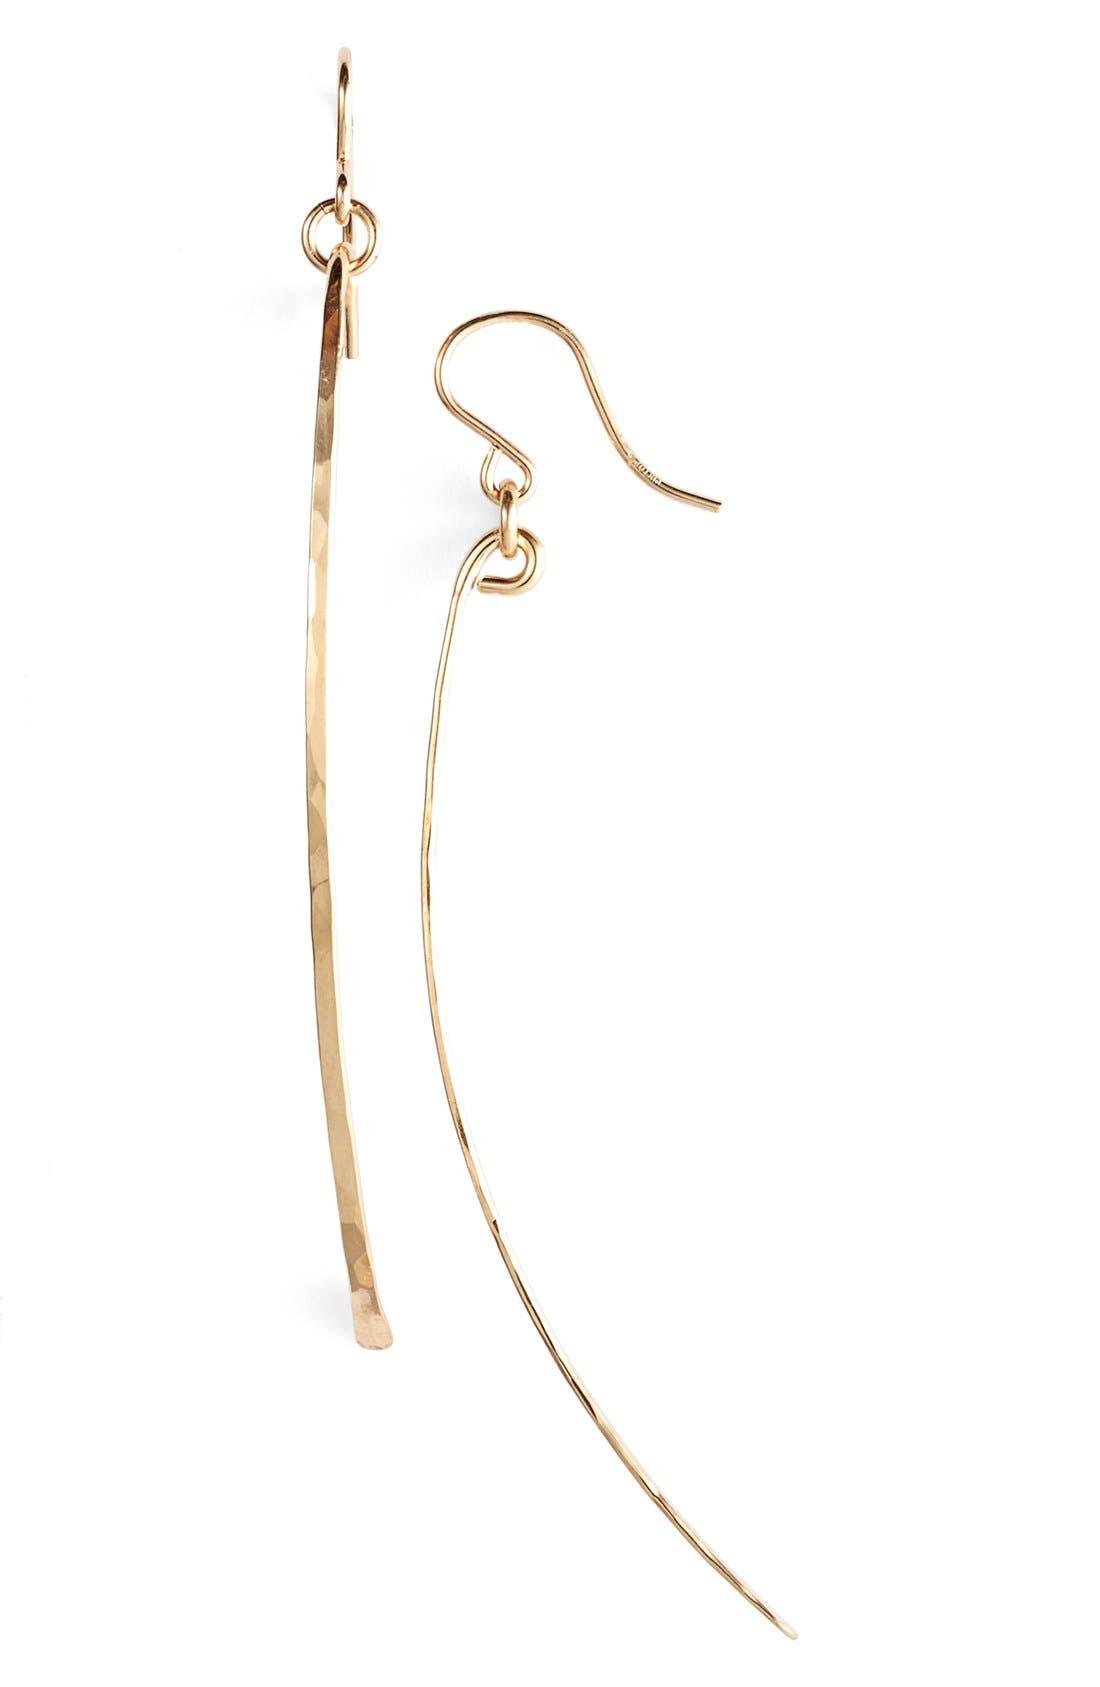 Ija Twig Drop Earrings,                             Main thumbnail 1, color,                             14K GOLD FILL